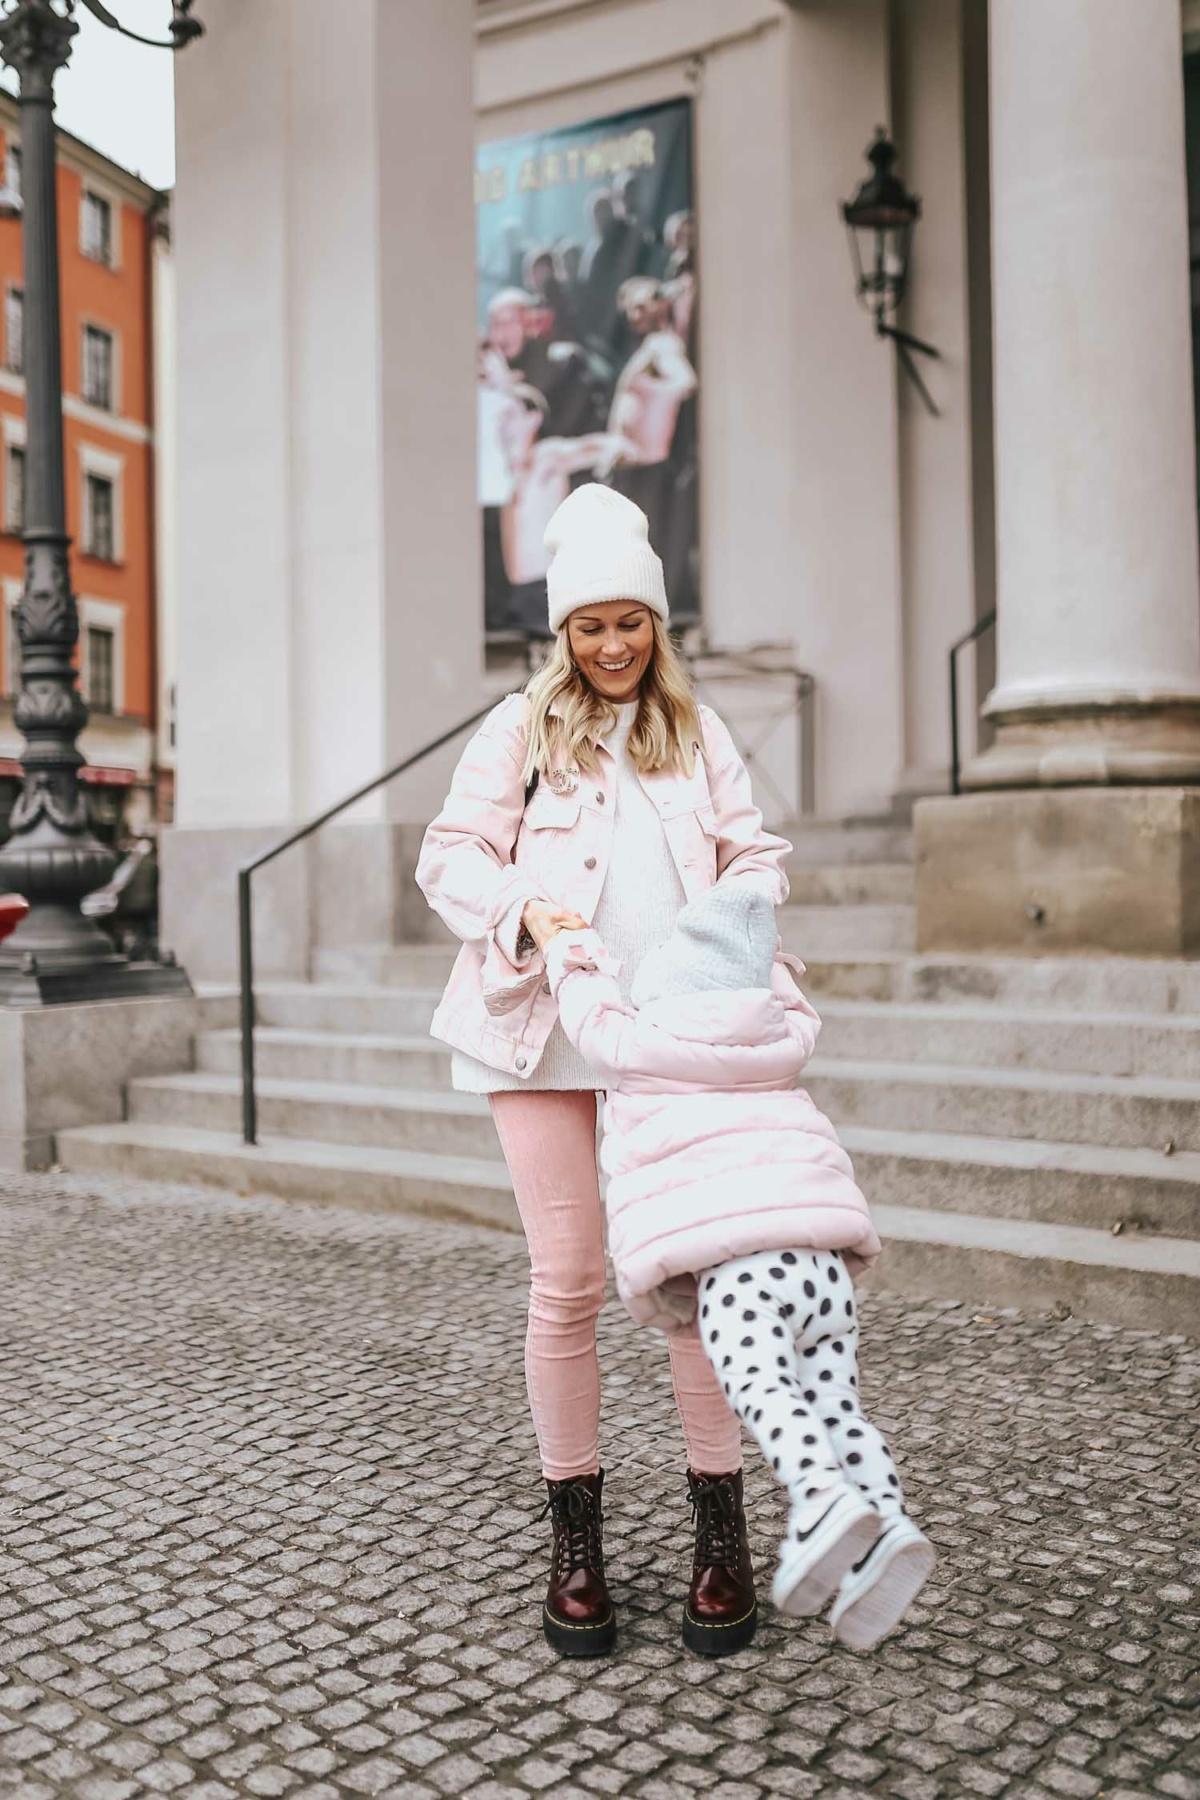 stylingliebe-lifestyleblogger-mamablog-familienblog-muenchen-lifestyleblog-blogger-deutschland-mamablogger-von-mama-klischees-und-anderen-vorurteilen-2